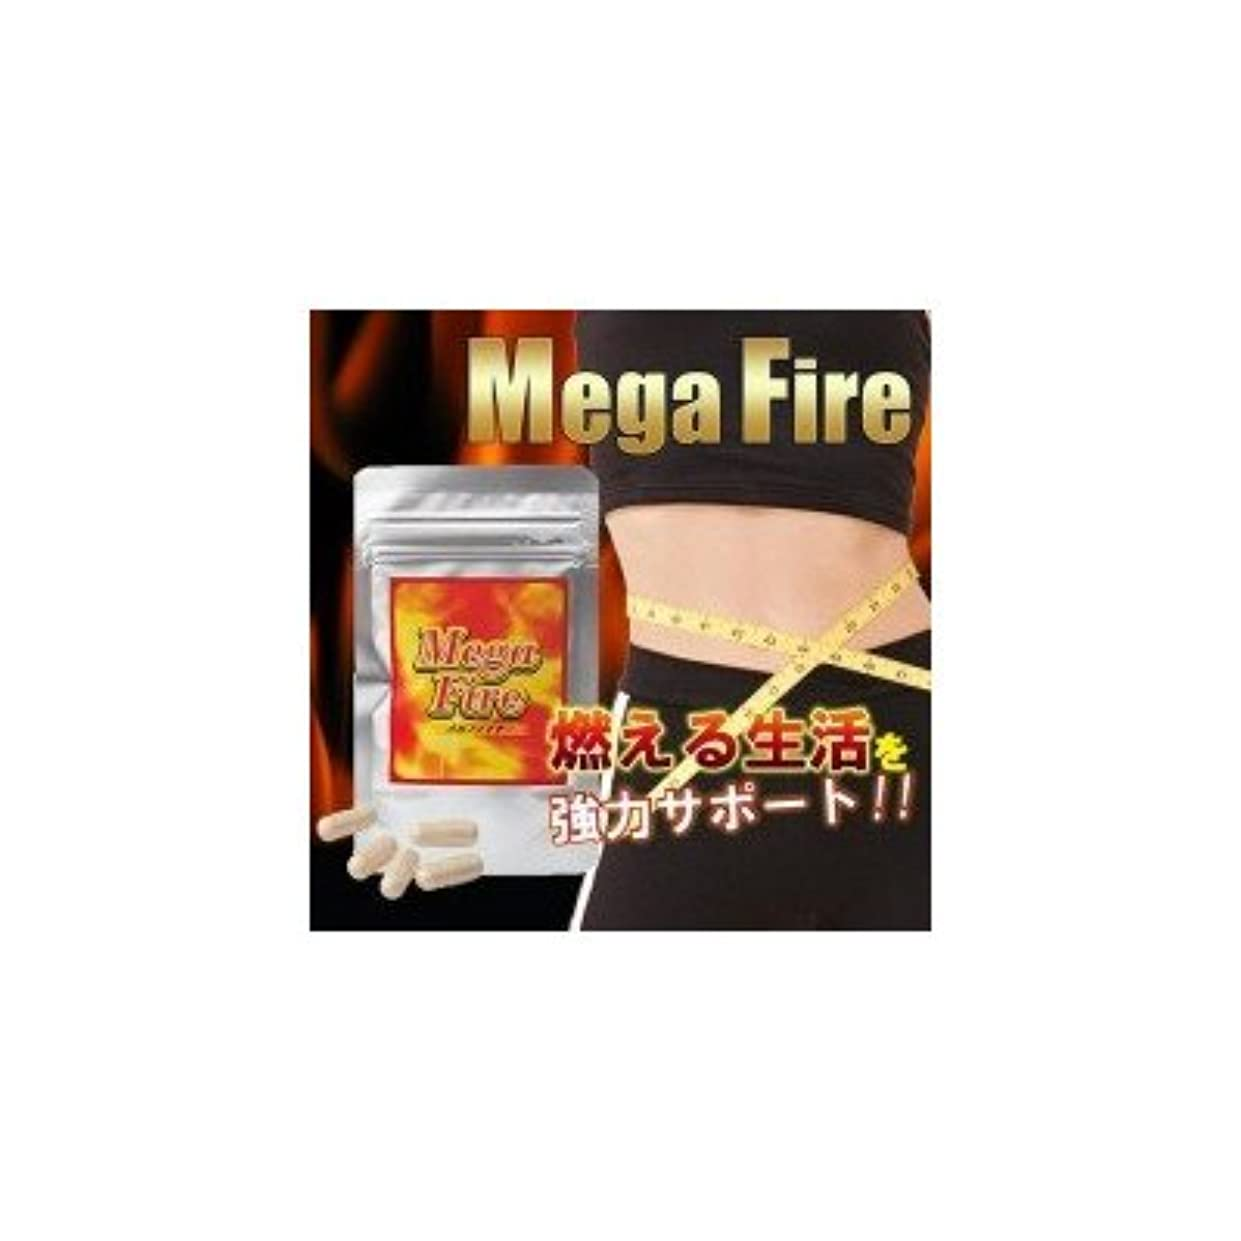 パーツサラダリスキーなMega-Fire(メガファイア) 13.9g(377mg(1粒内容量300mg)×37カプセル)